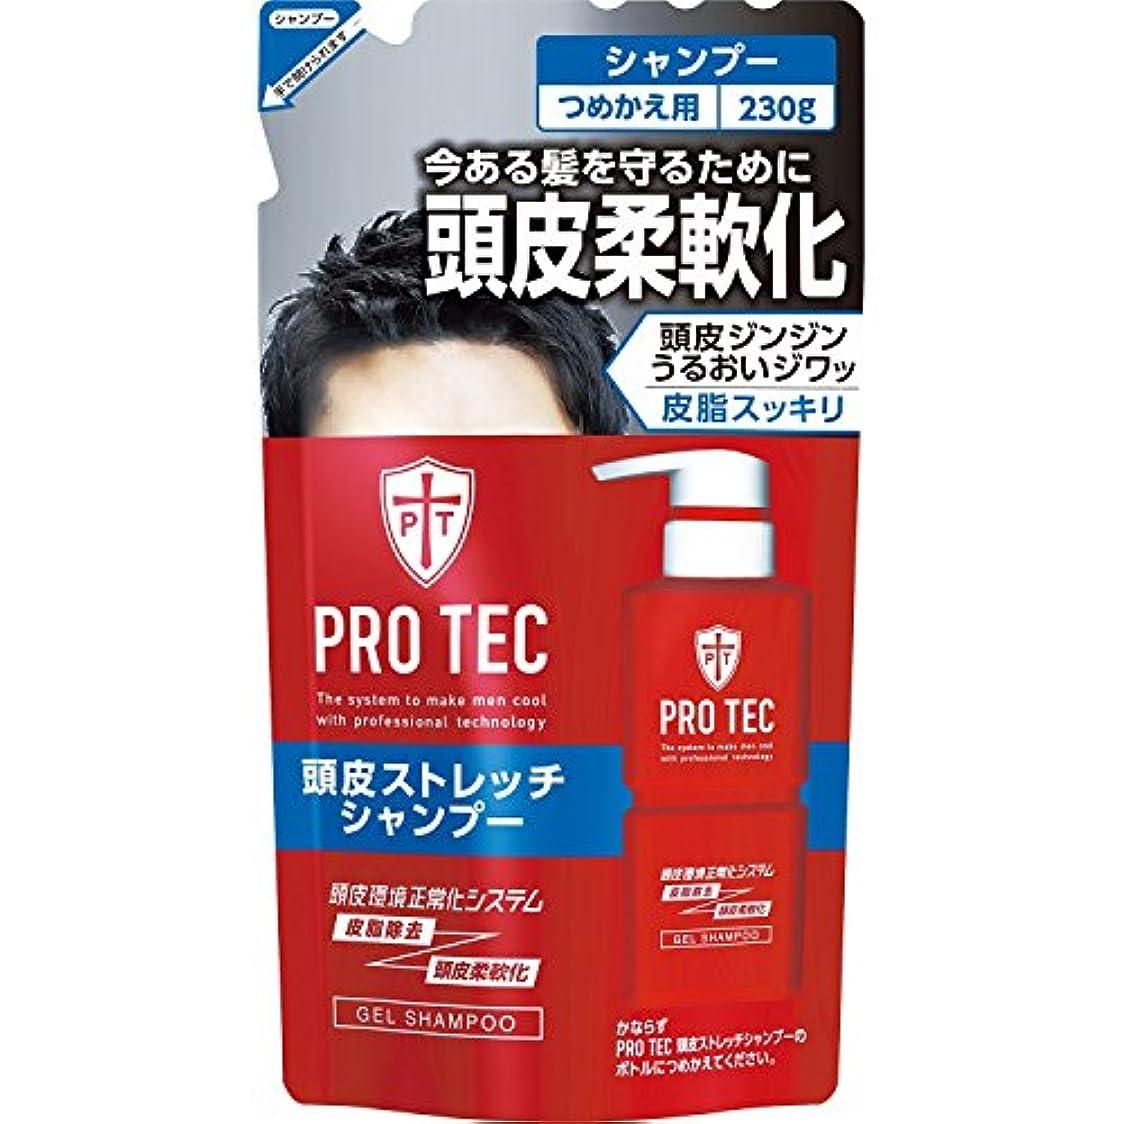 電子ポスター計算可能PRO TEC(プロテク) 頭皮ストレッチシャンプー つめかえ用 230g (医薬部外品) ×10個セット